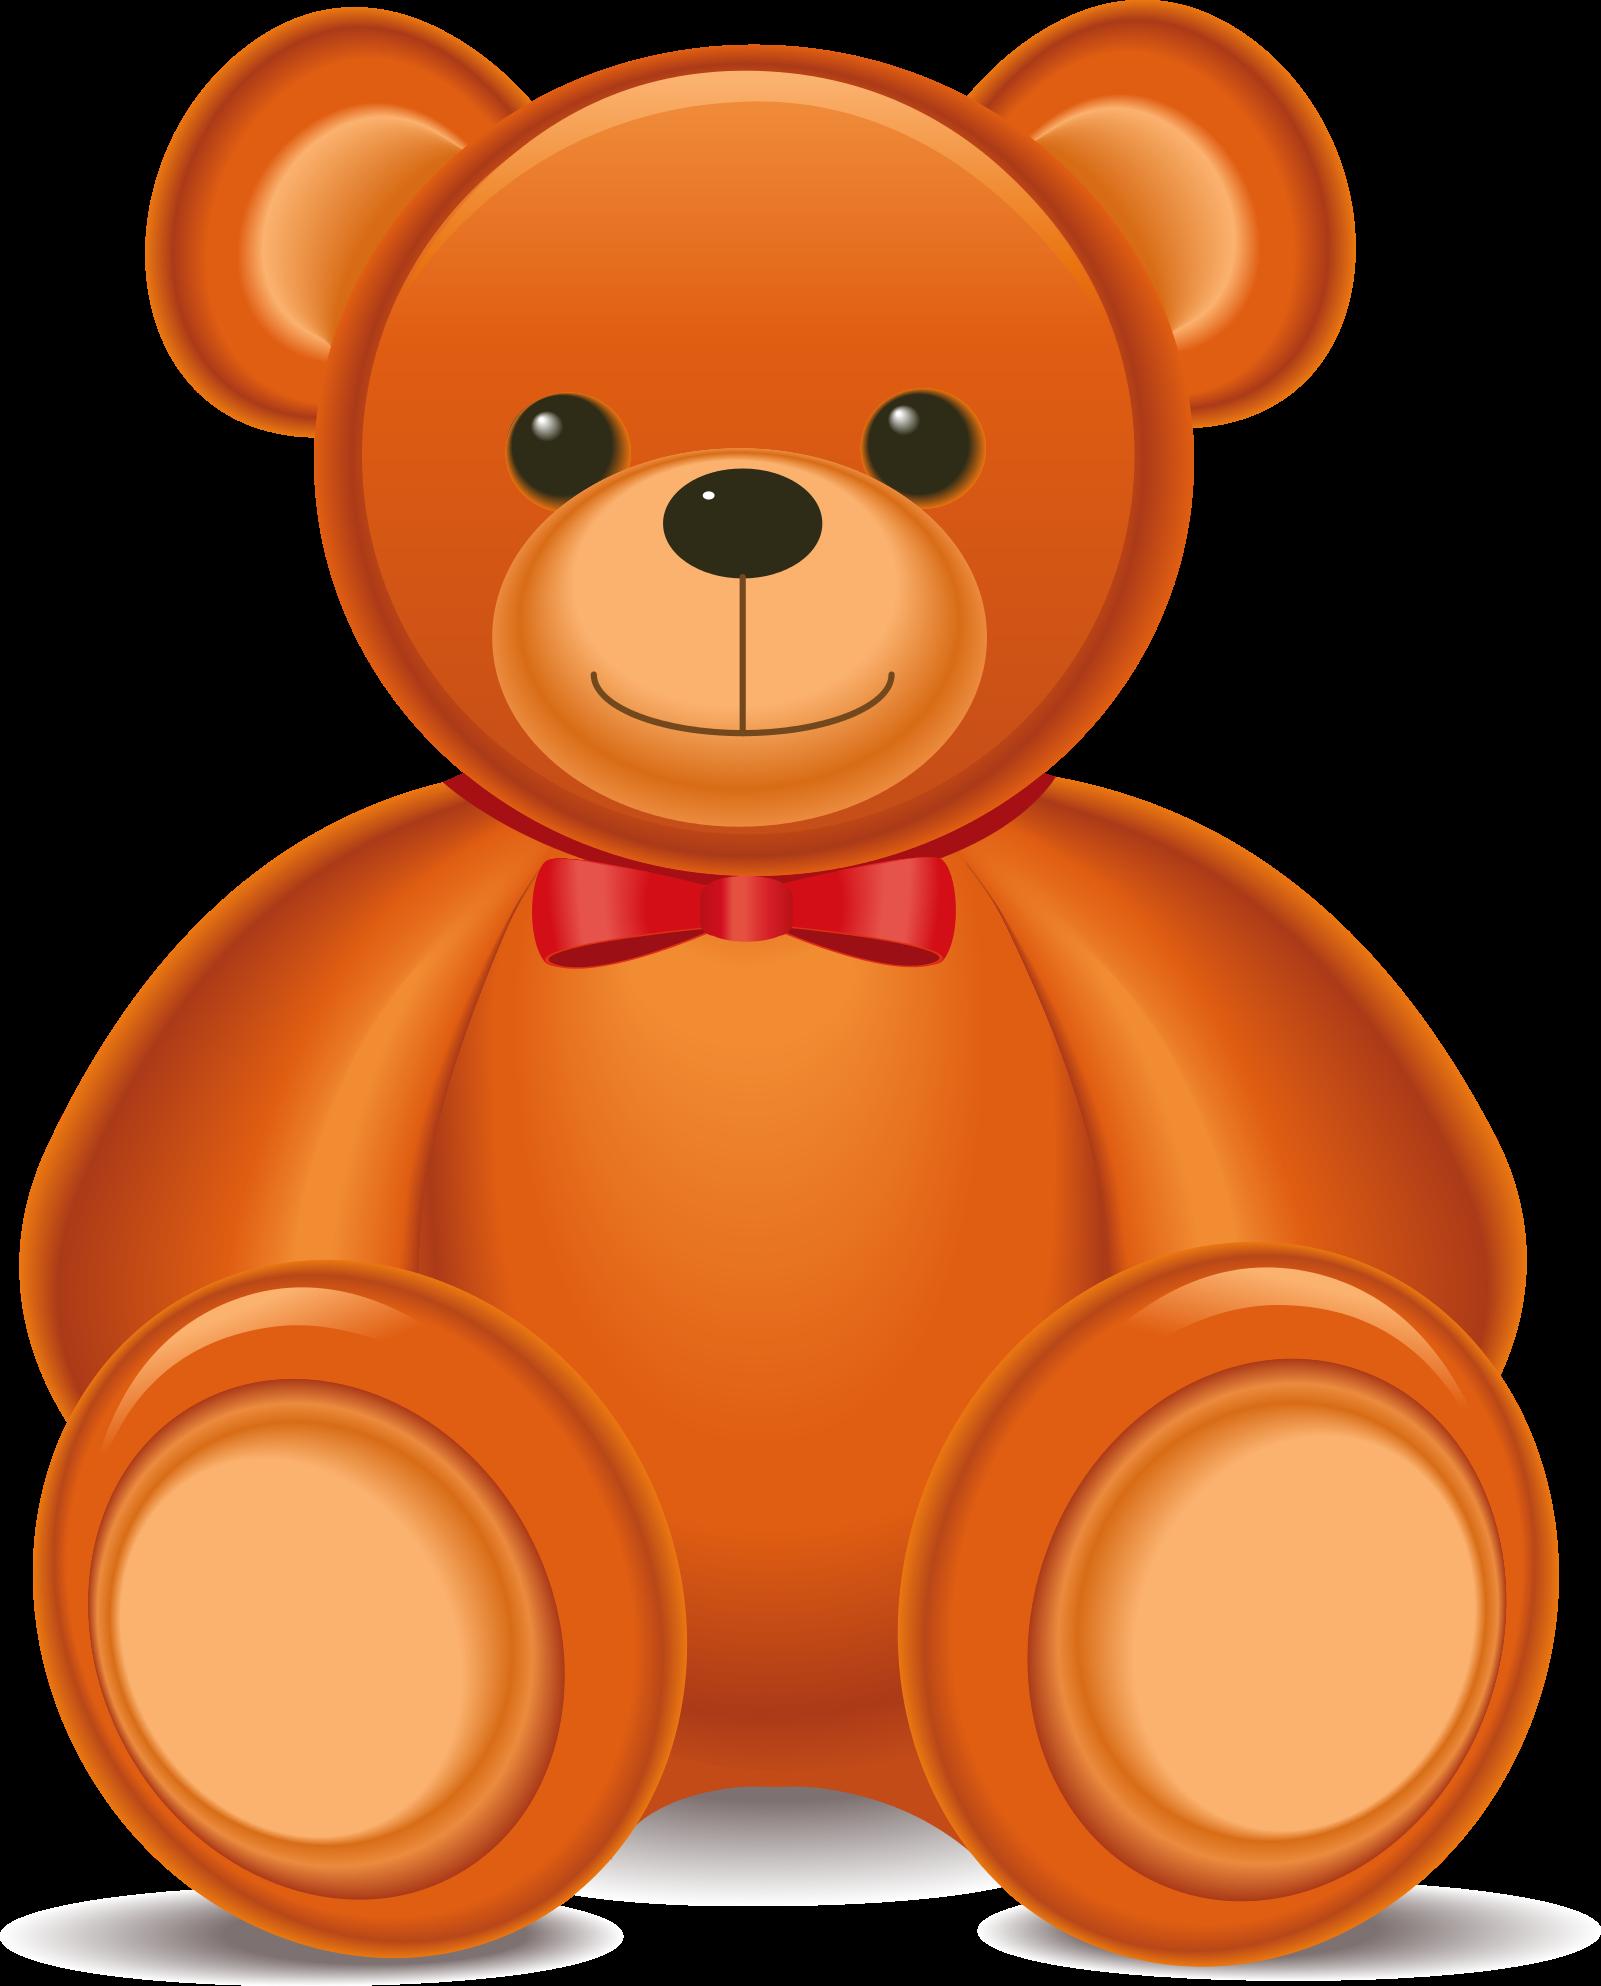 Картинки детских игрушек нарисованные